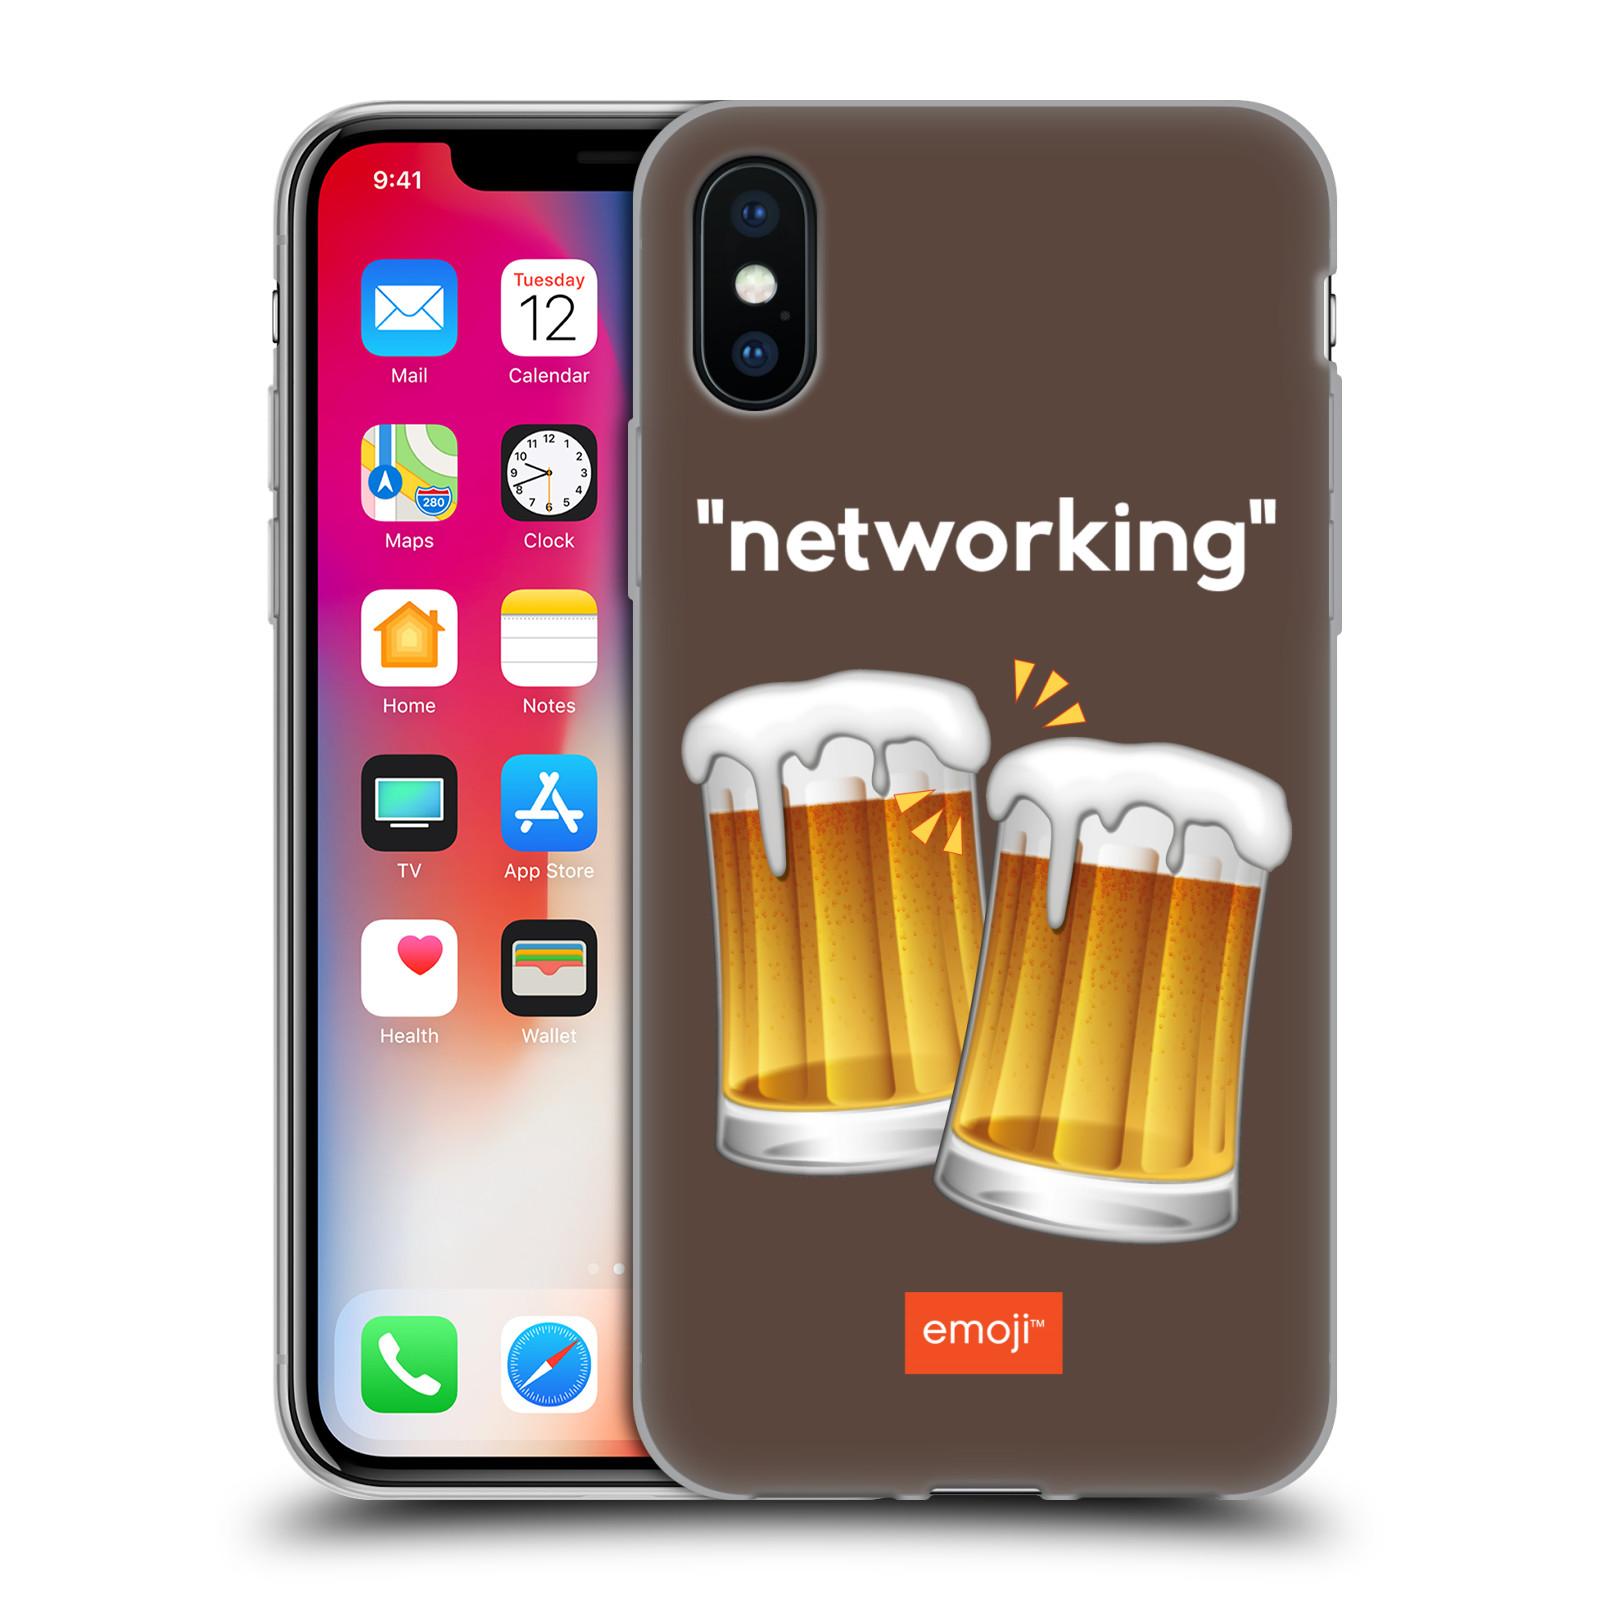 Silikonové pouzdro na mobil Apple iPhone XS - Head Case - EMOJI - Pivní networking